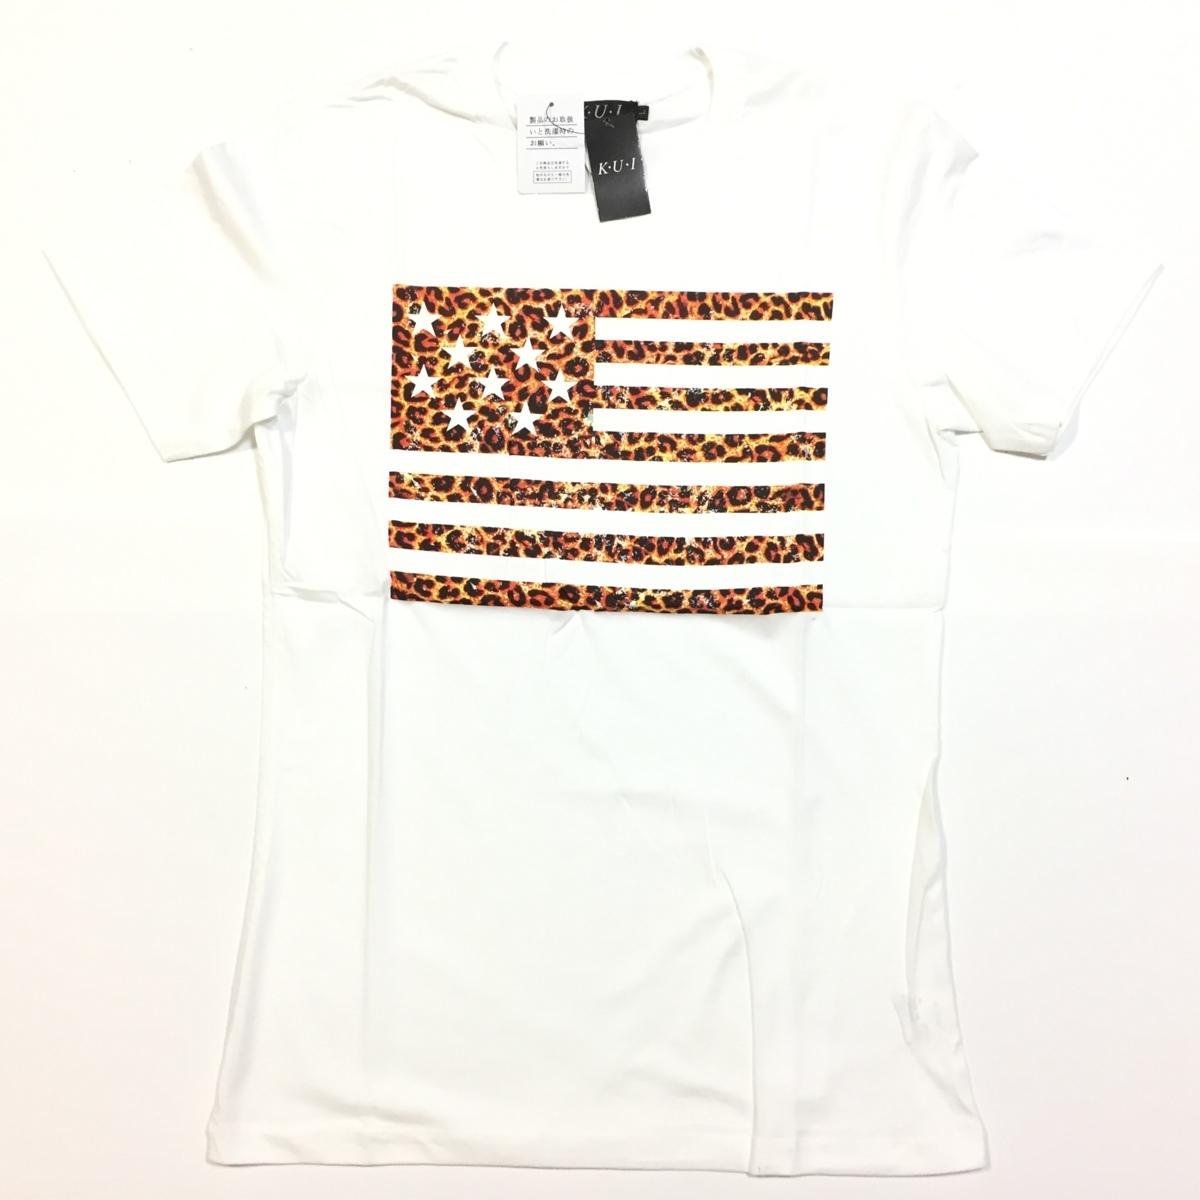 【卸売り】2枚セット メーカー希望小売価格¥3,190 新品 レオパード ヒョウ柄 星条旗 Tシャツ Lサイズ アメカジ ビター系_画像5